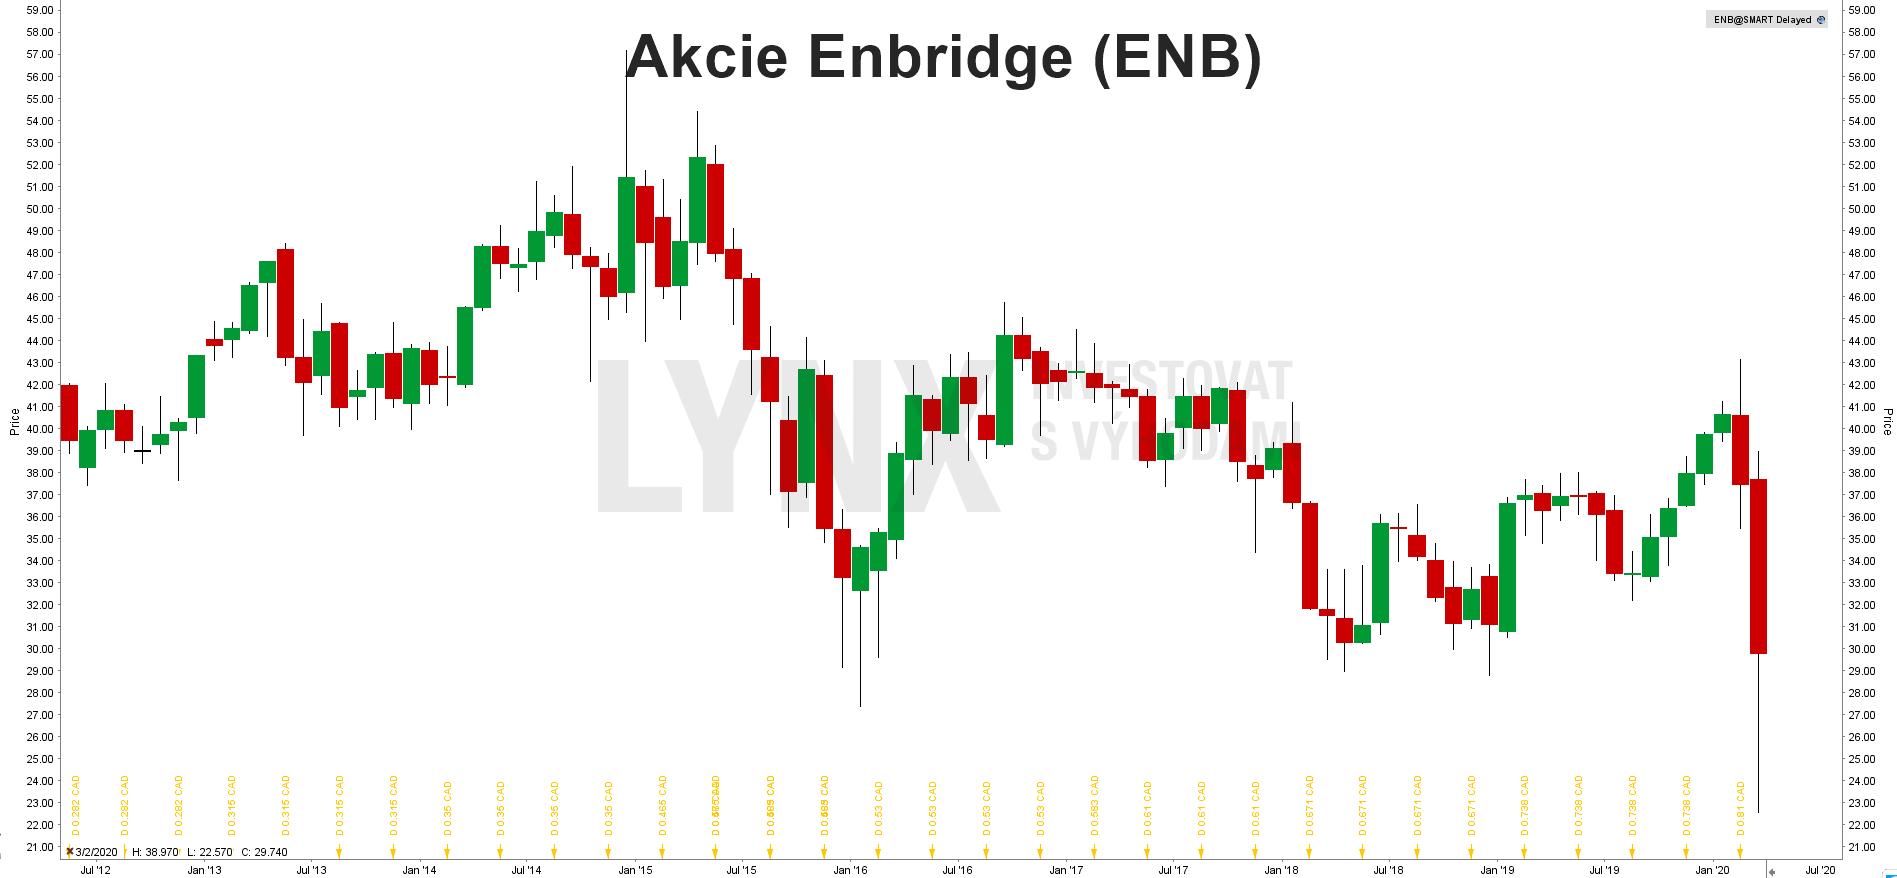 Grafakcie Enbridge